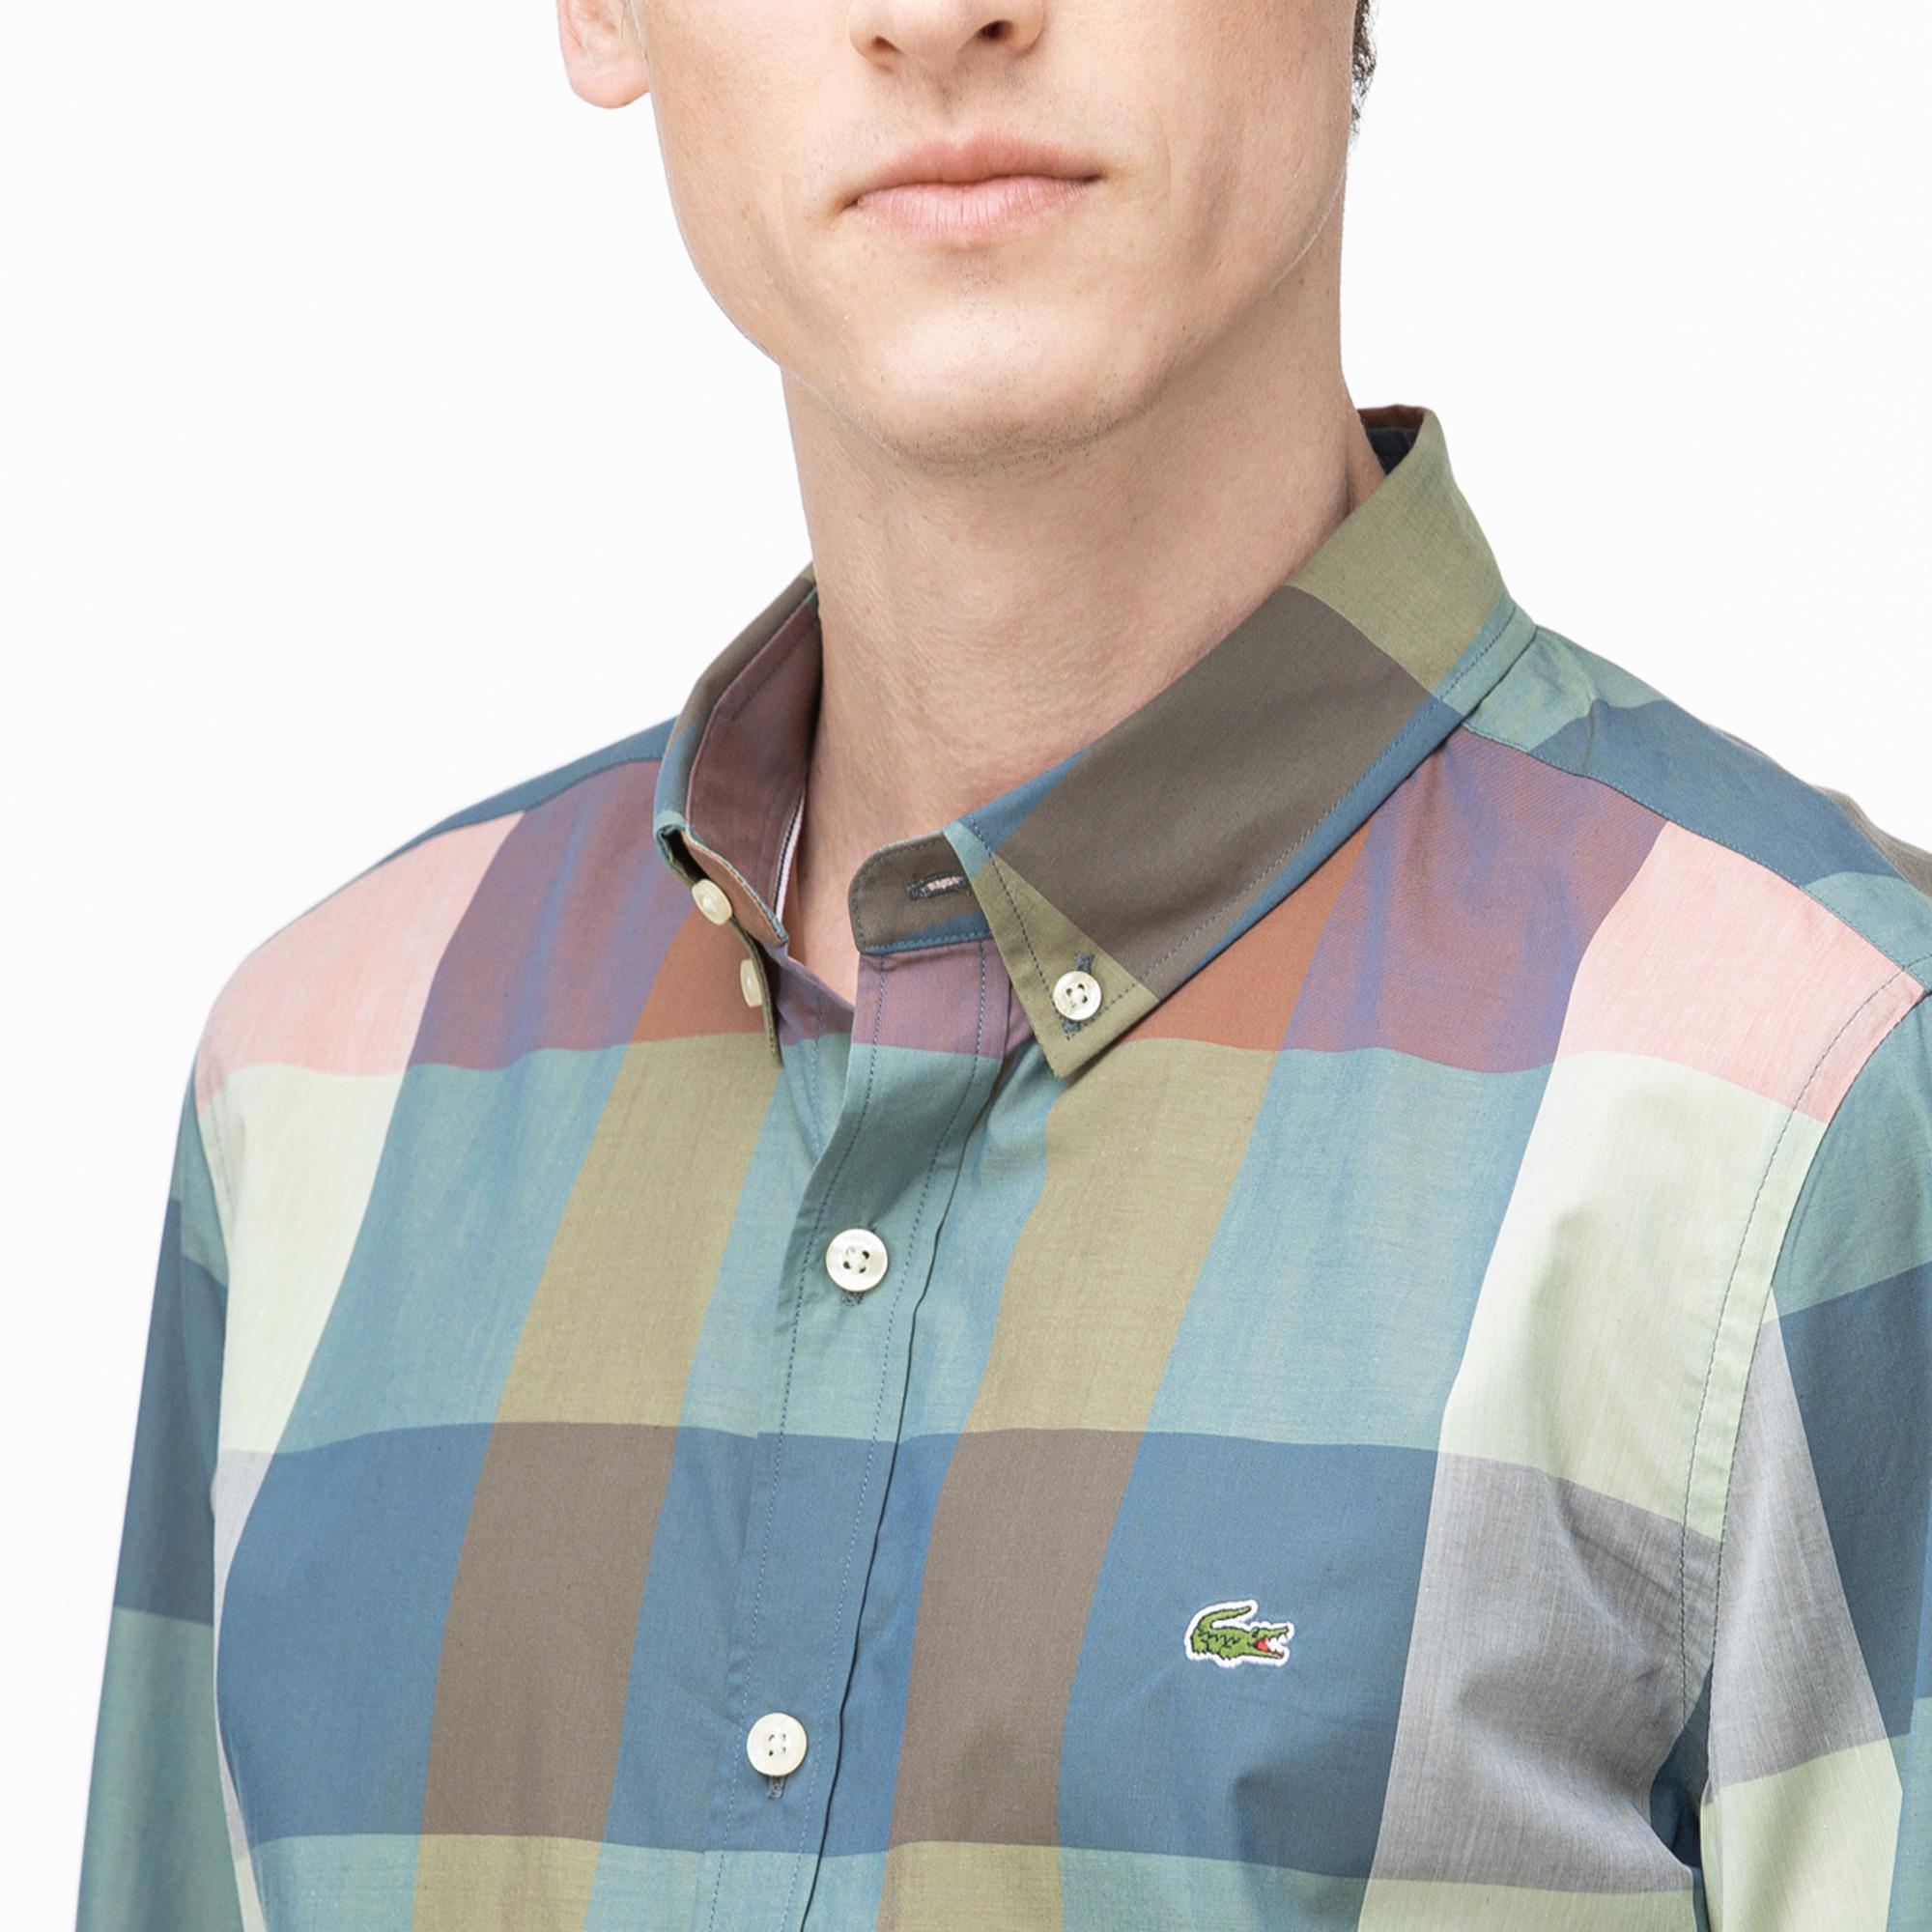 Lacoste Erkek Slim Fit Düğmeli Yaka Ekose Desenli Renkli Gömlek